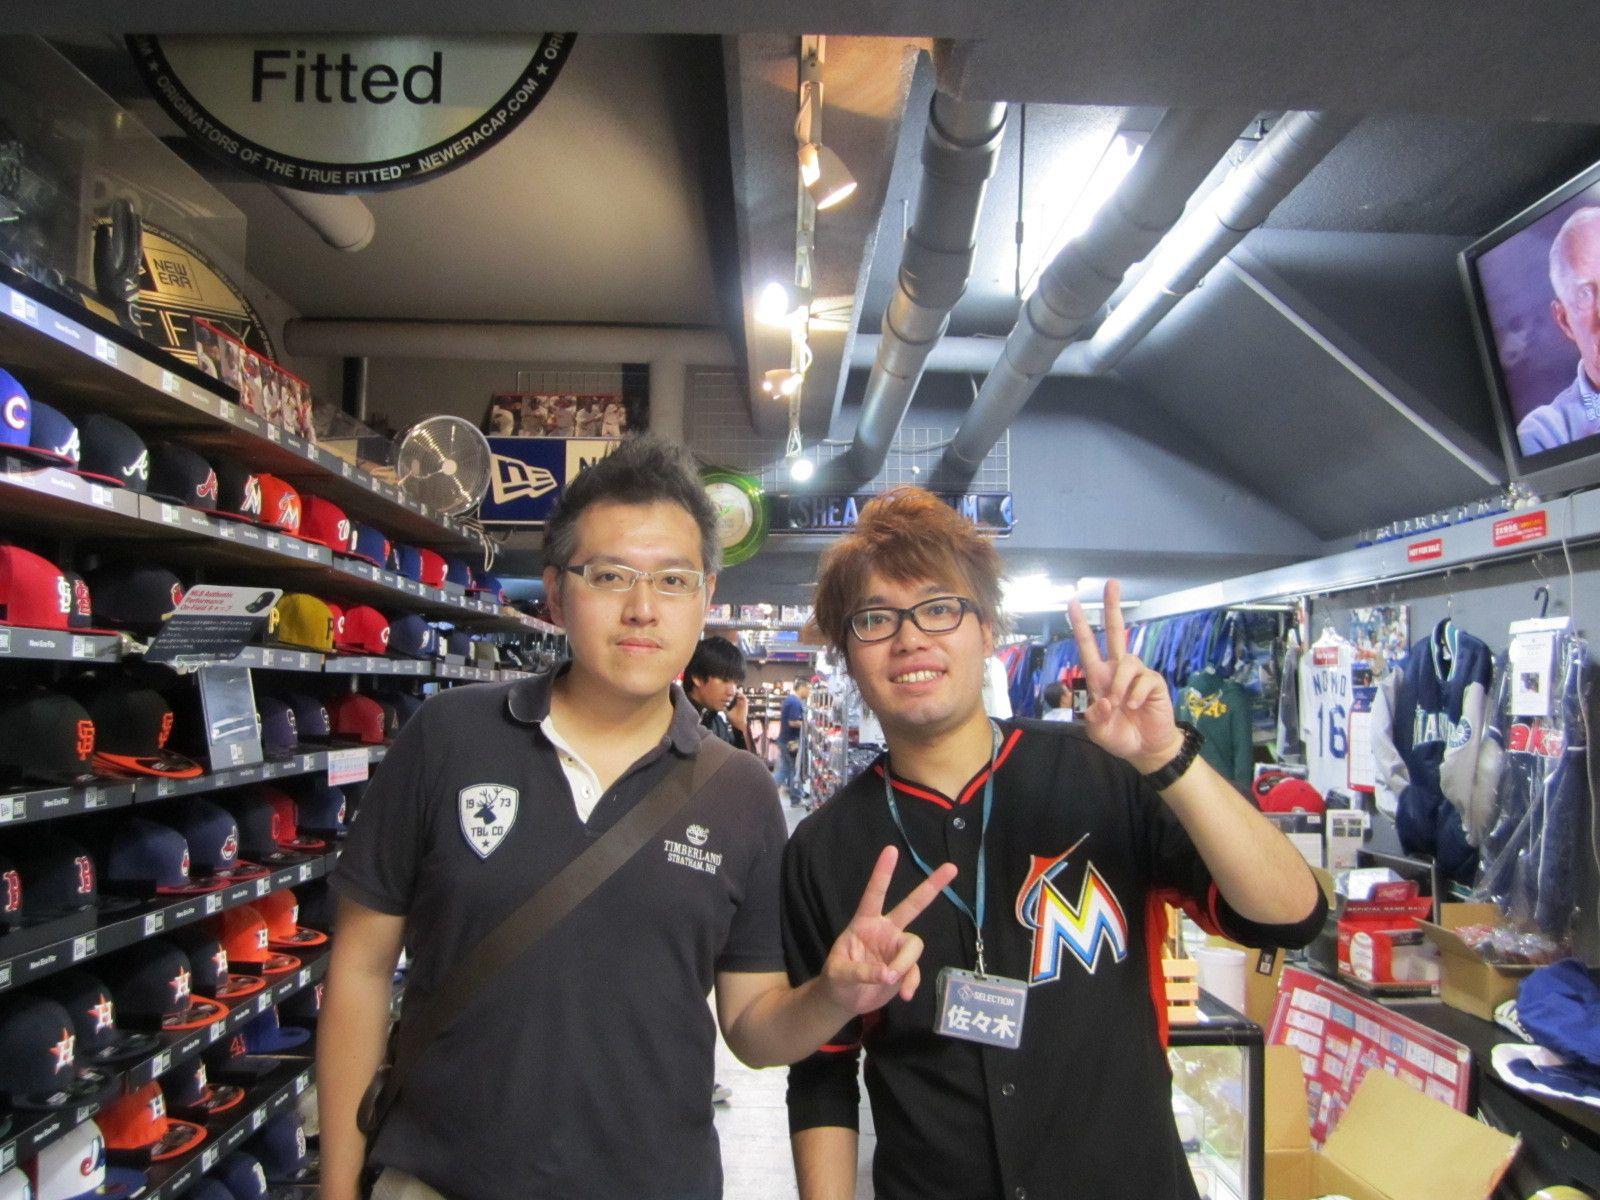 【新宿1号店】2014.09.08 ドジャースのジャケットをご購入いただきました☆とてもお似合いでした(・ω<)またのご来店お待ちしております♪